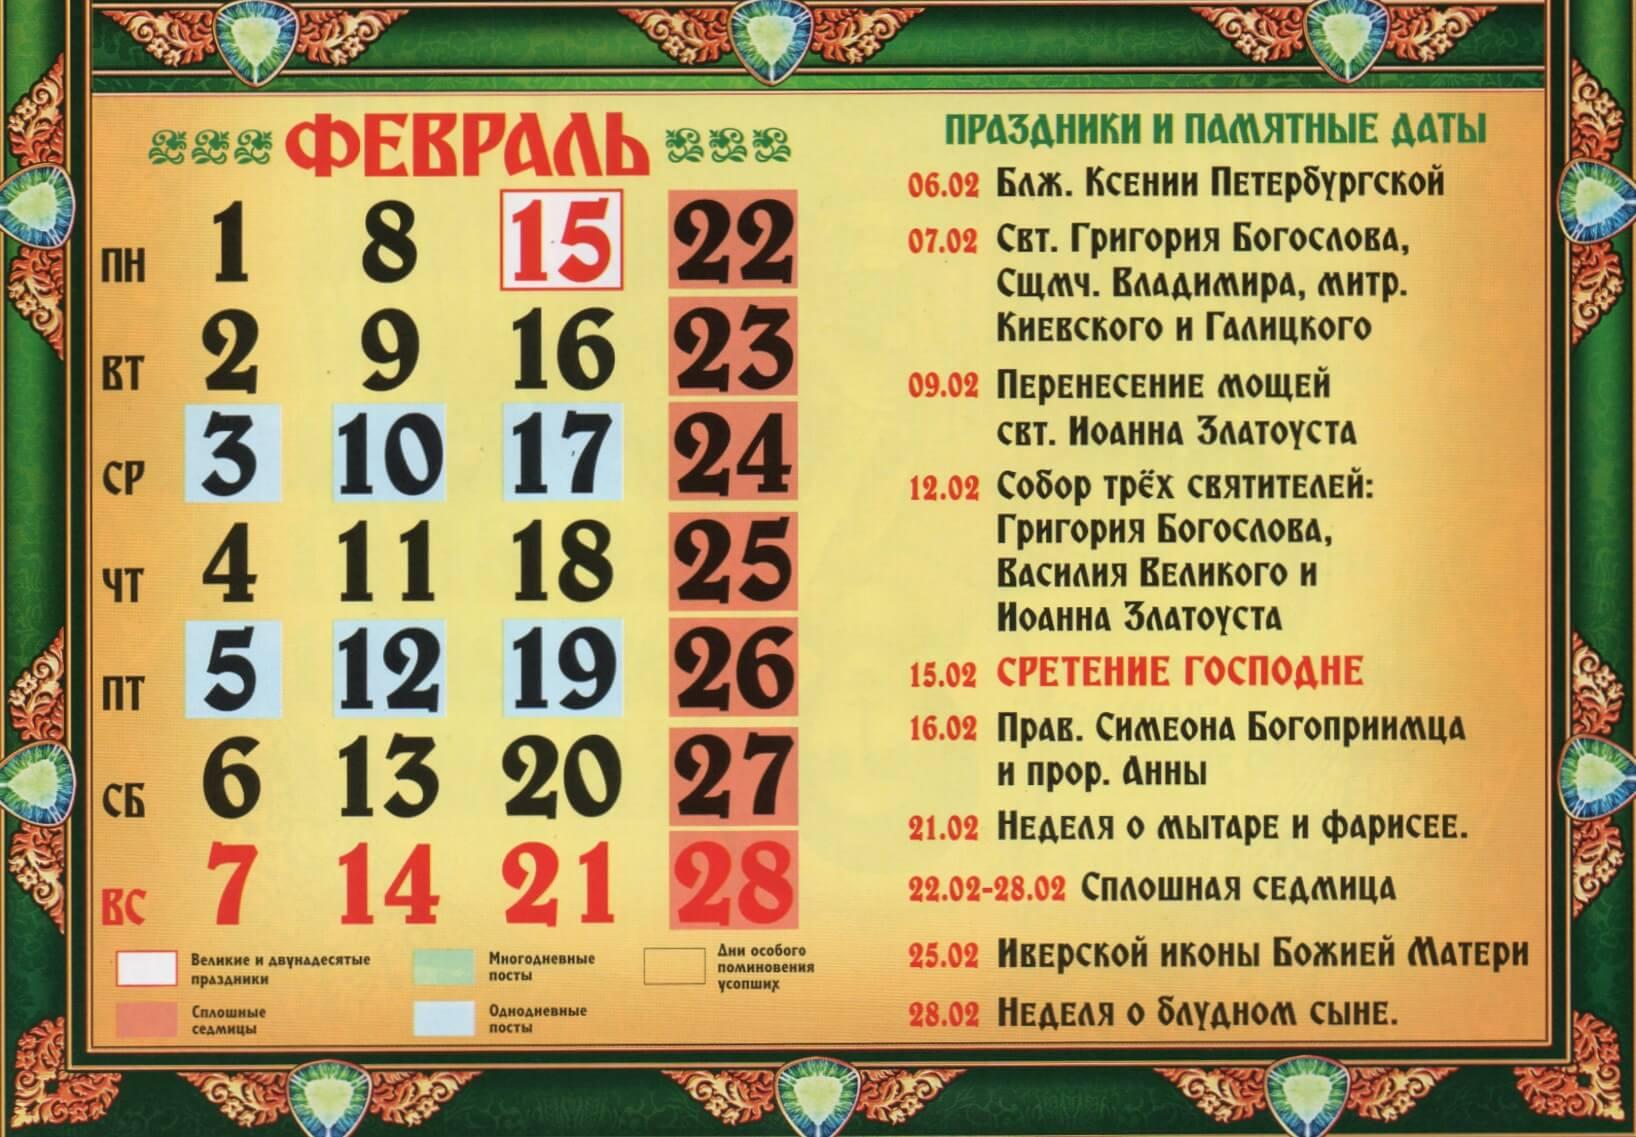 Православные церковные праздники в феврале 2021 года